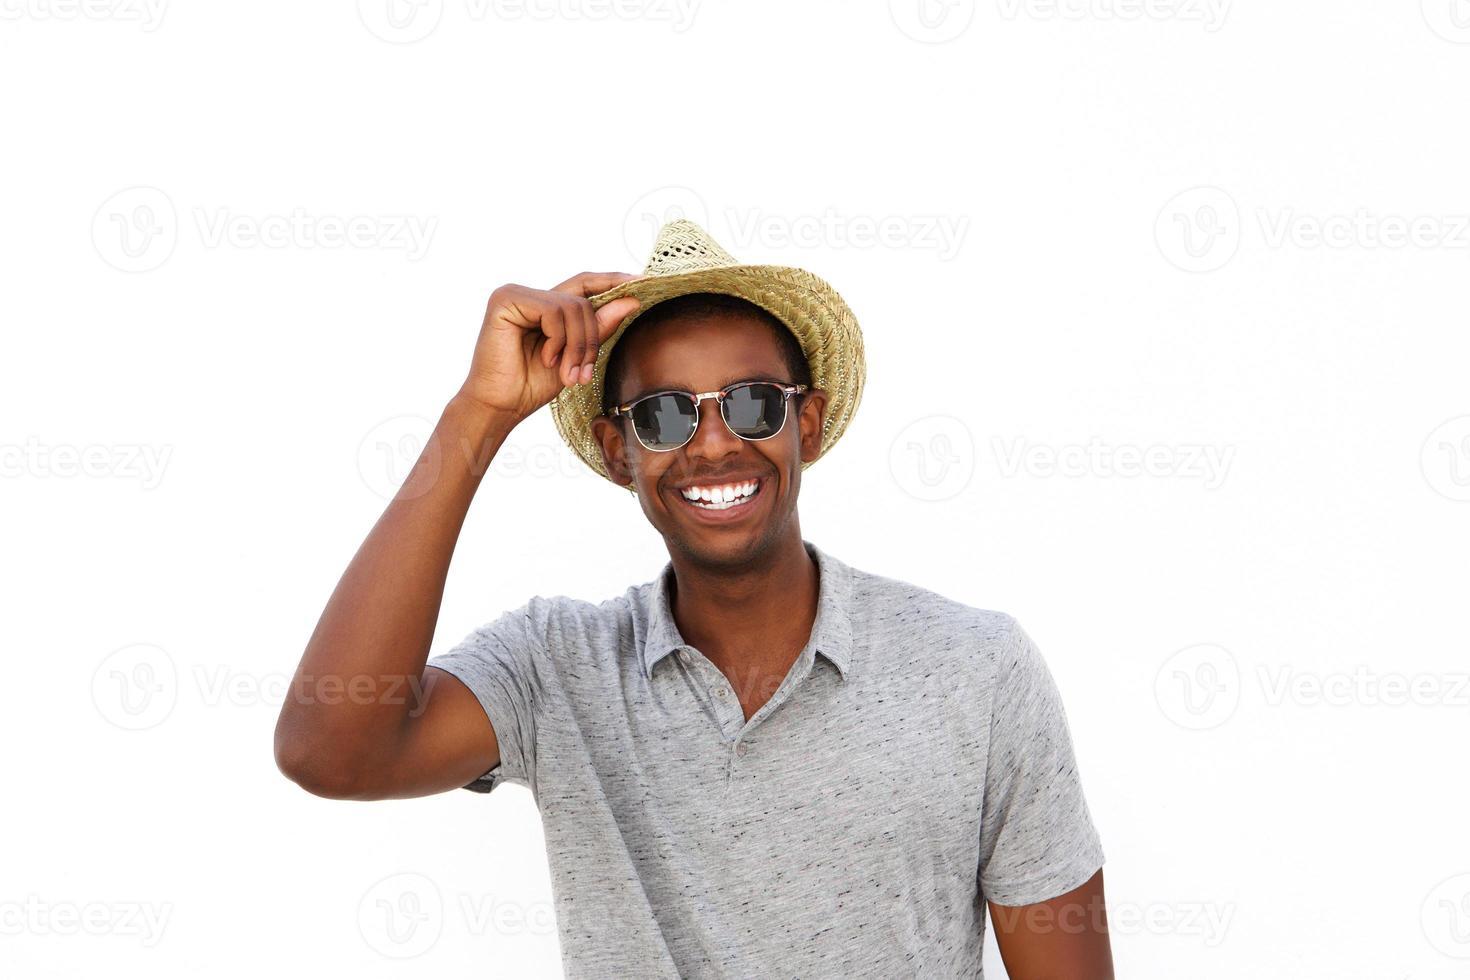 fröhlicher Afroamerikaner, der mit Hut und Sonnenbrille lächelt foto